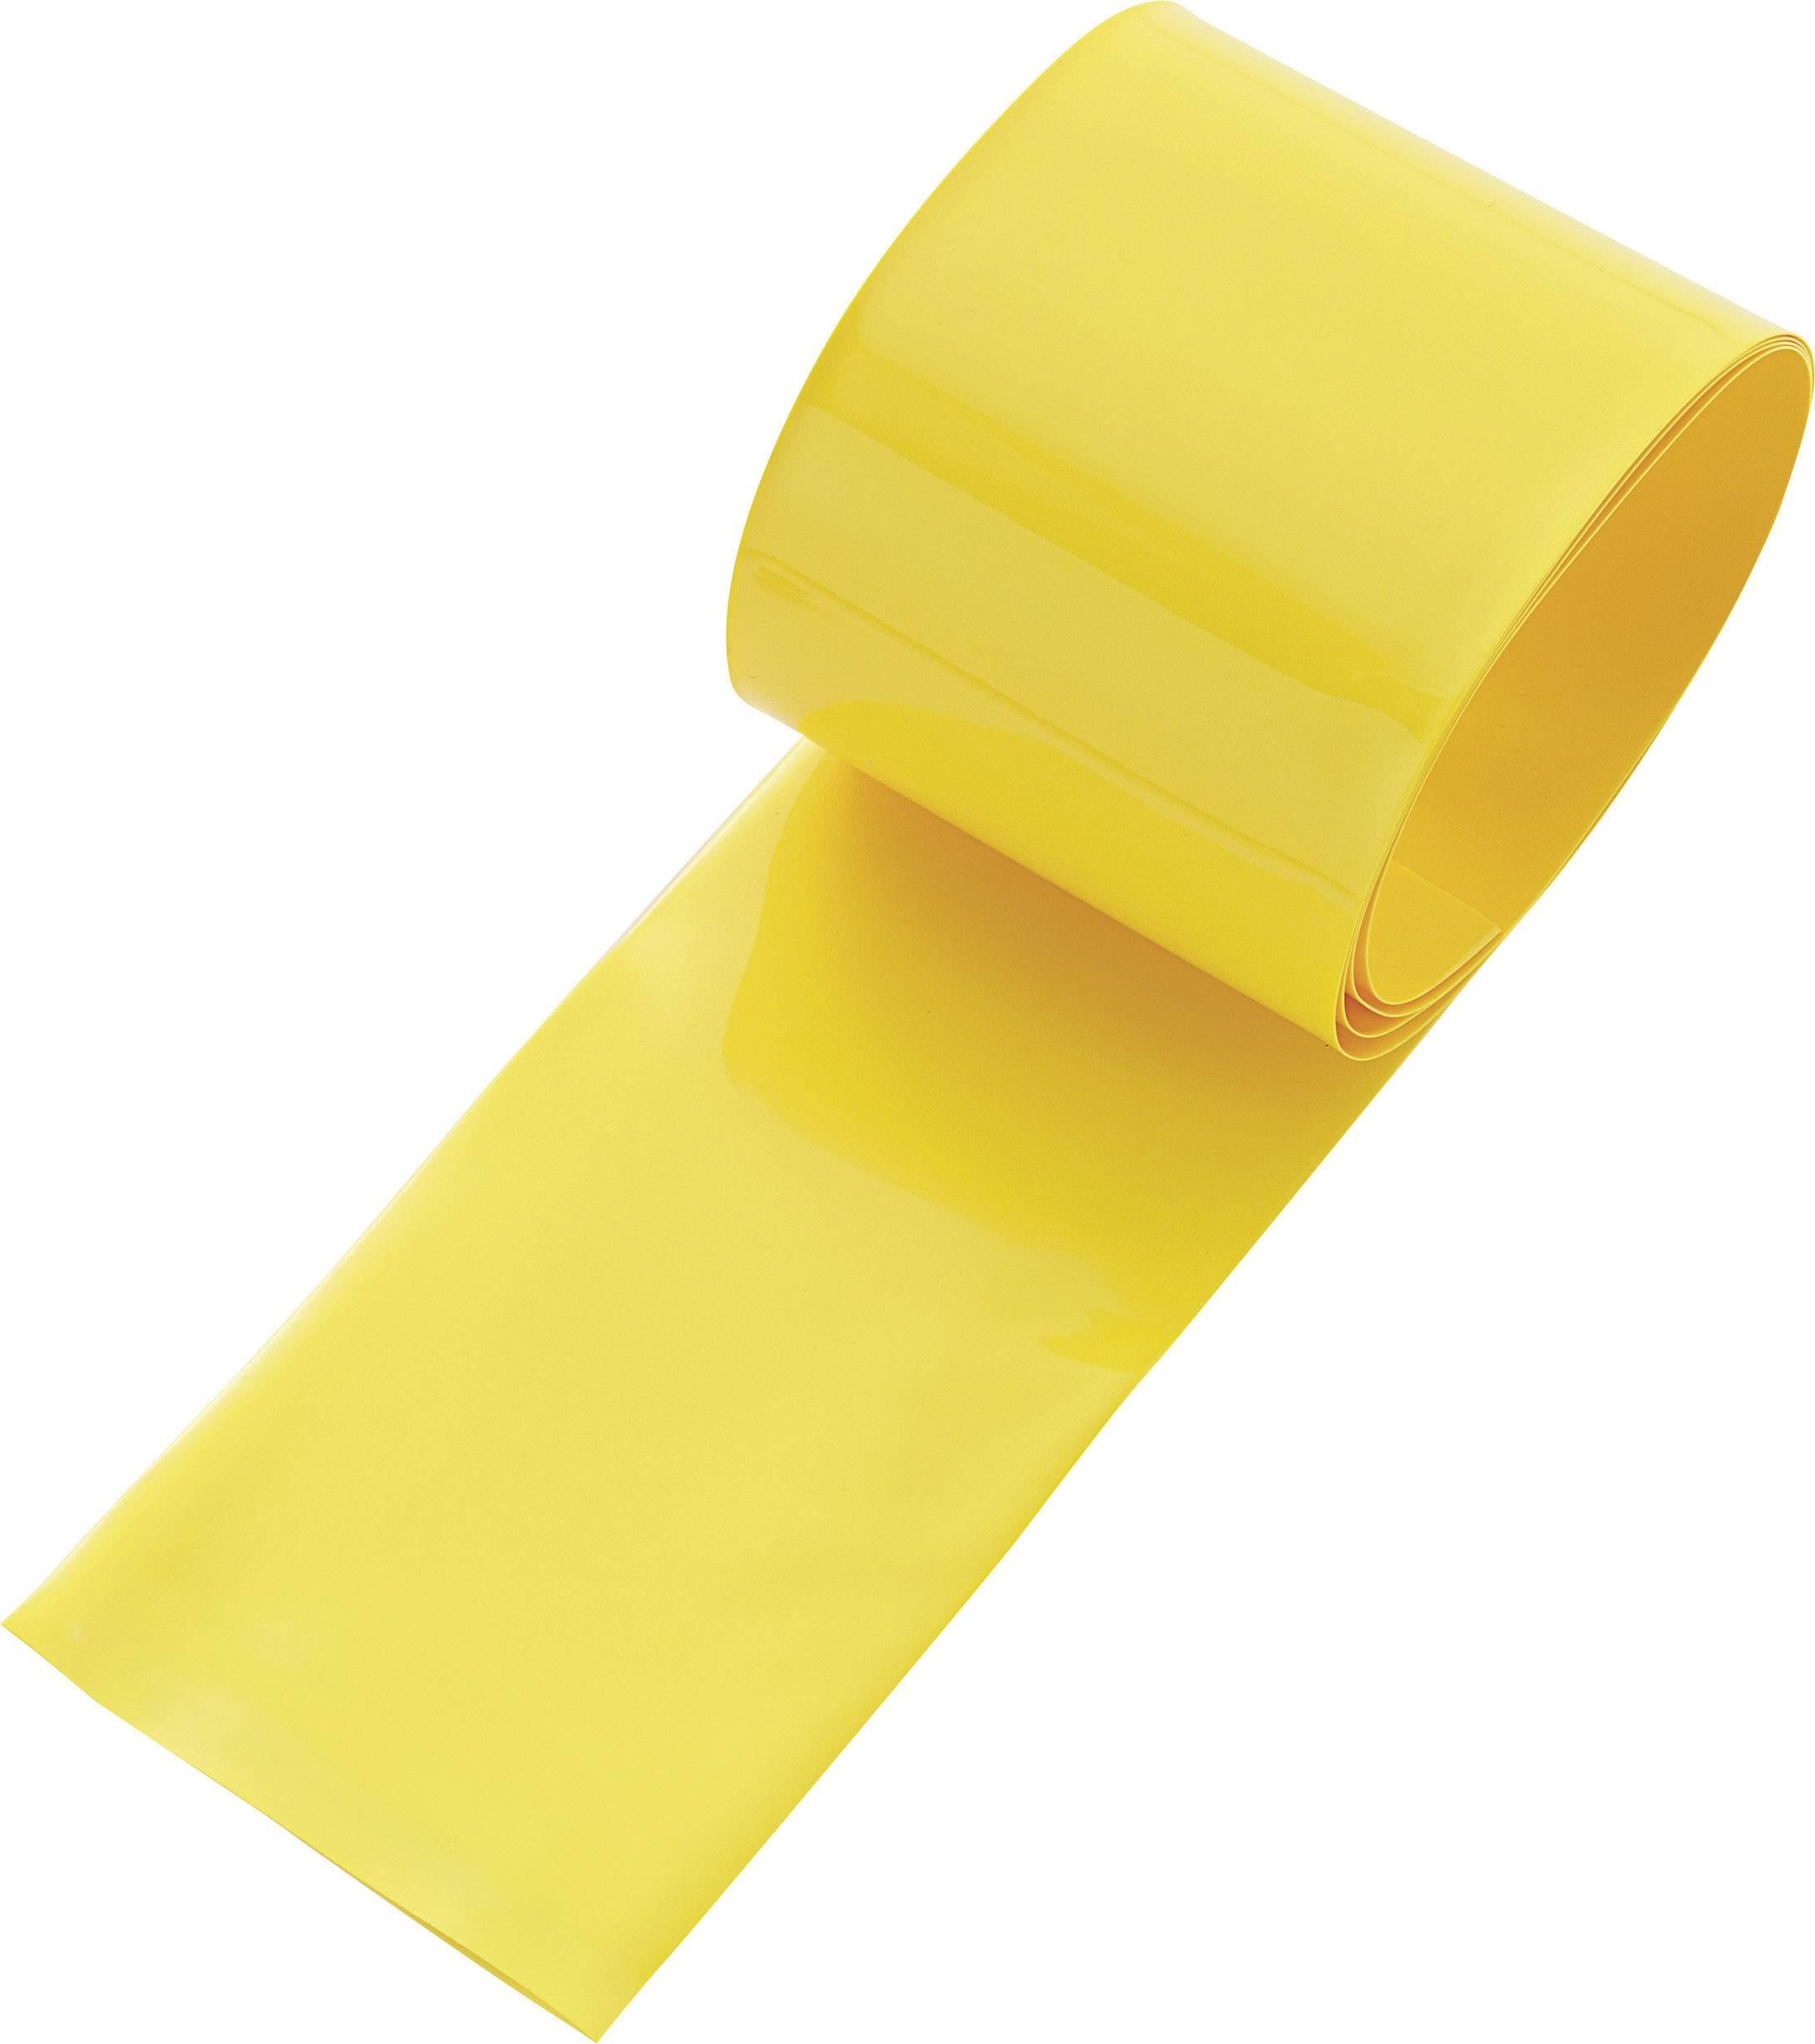 Smršťovací bužírka na akumulátory, bez lepidla TRU COMPONENTS 93014c85d, 55 mm, žlutá, 1 ks